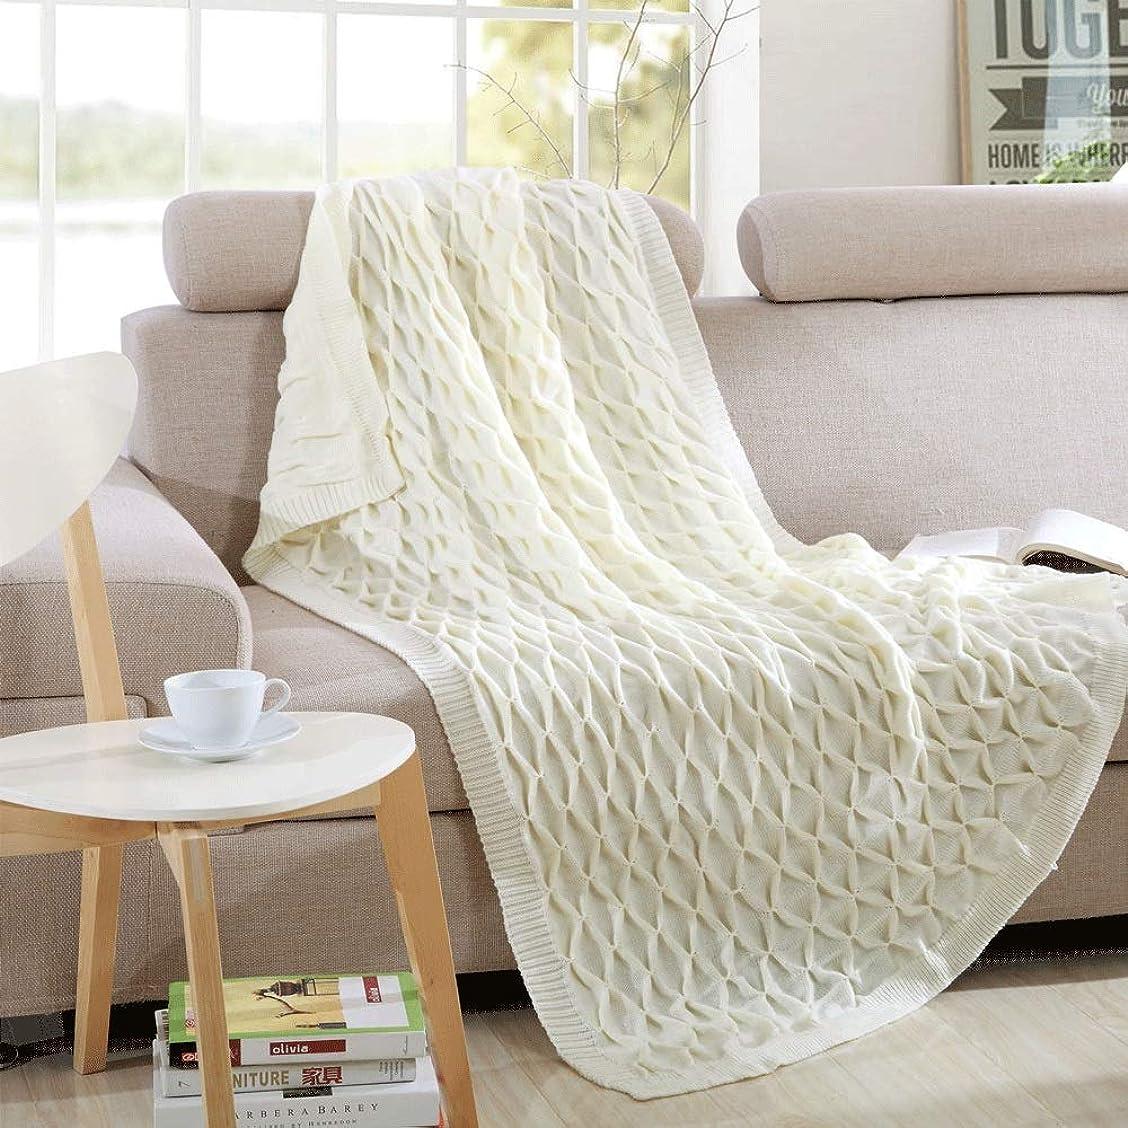 精通した道息を切らしてソフトカウチ毛布 固体柔らかいソファーの投球のソファカバーニットの装飾毛布オールシーズンニット投球毛布のための大人 ルームベッドルームビーチトラベル (Color : 1, Size : 130cmx160cm)